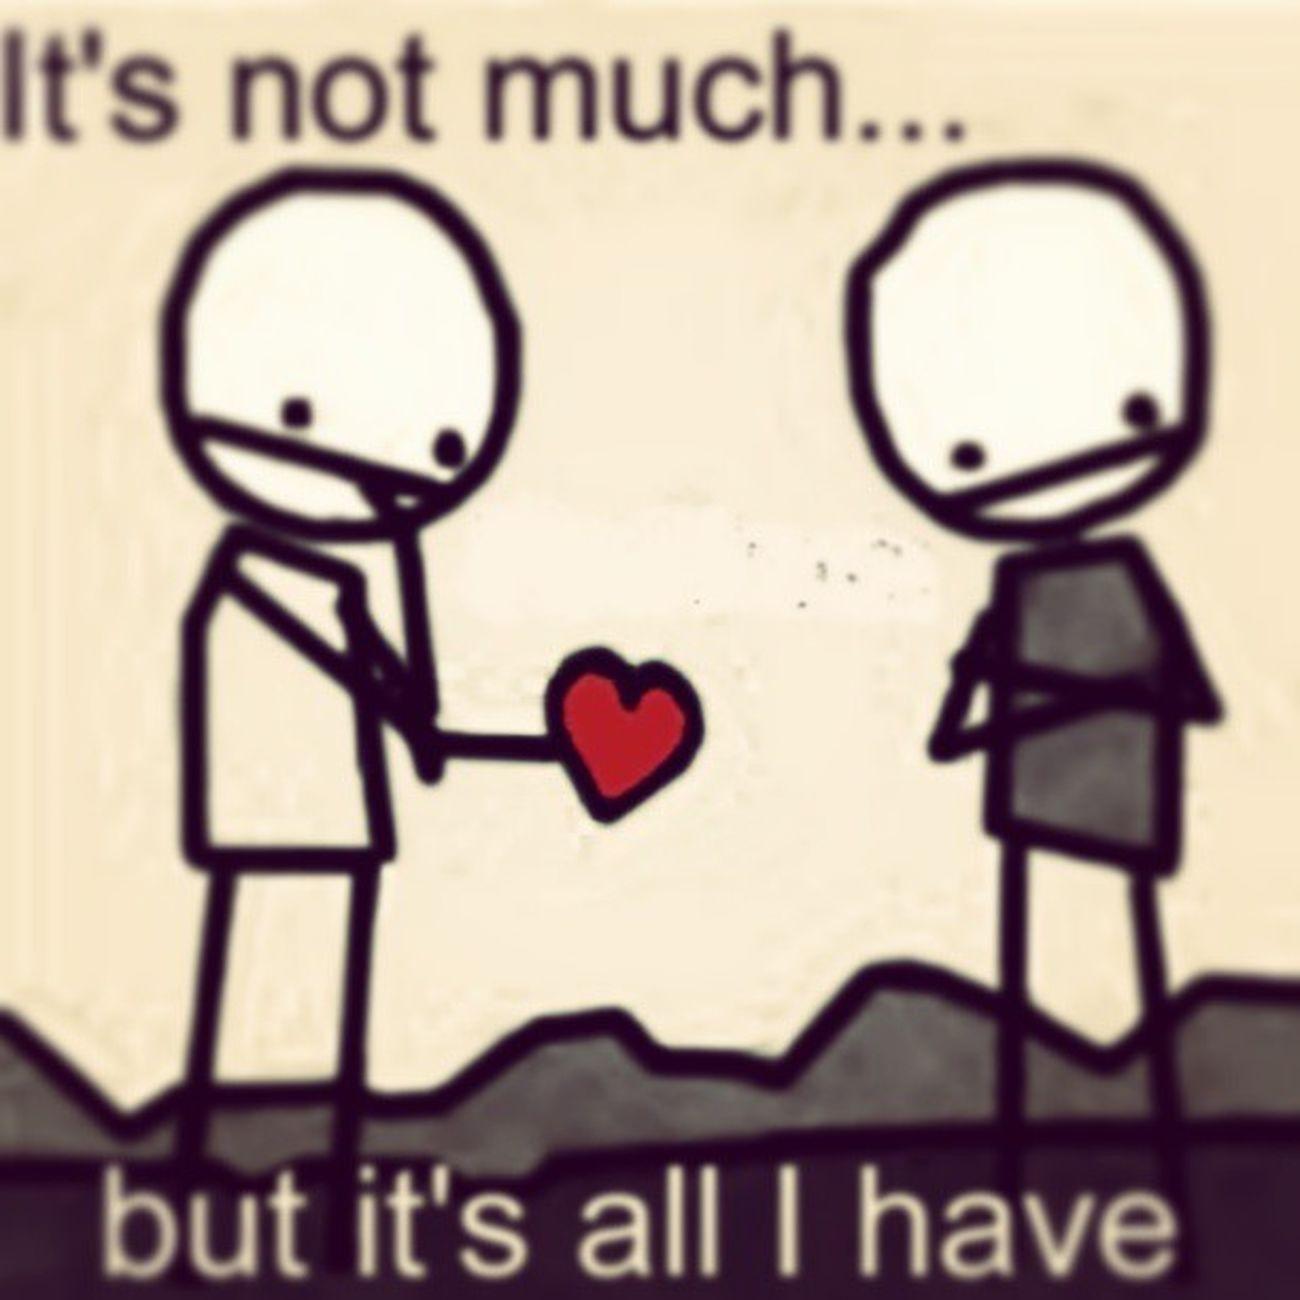 I love you Trooper :-).